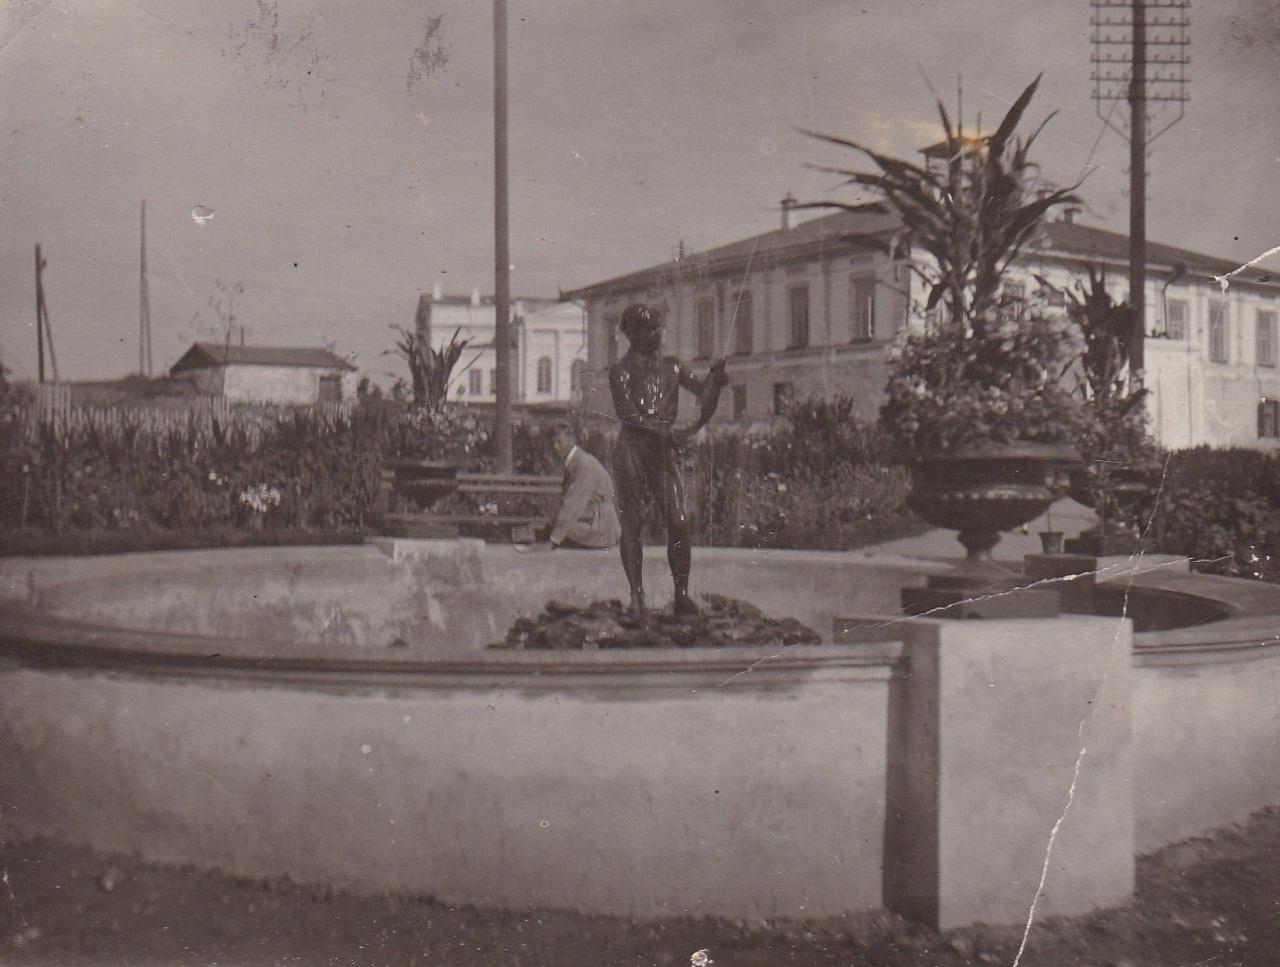 Фонтан 'Пионер с рыбой ' (автор - Н.Н. Горский) у бывшего заводоуправления. Фото 1930-х гг.